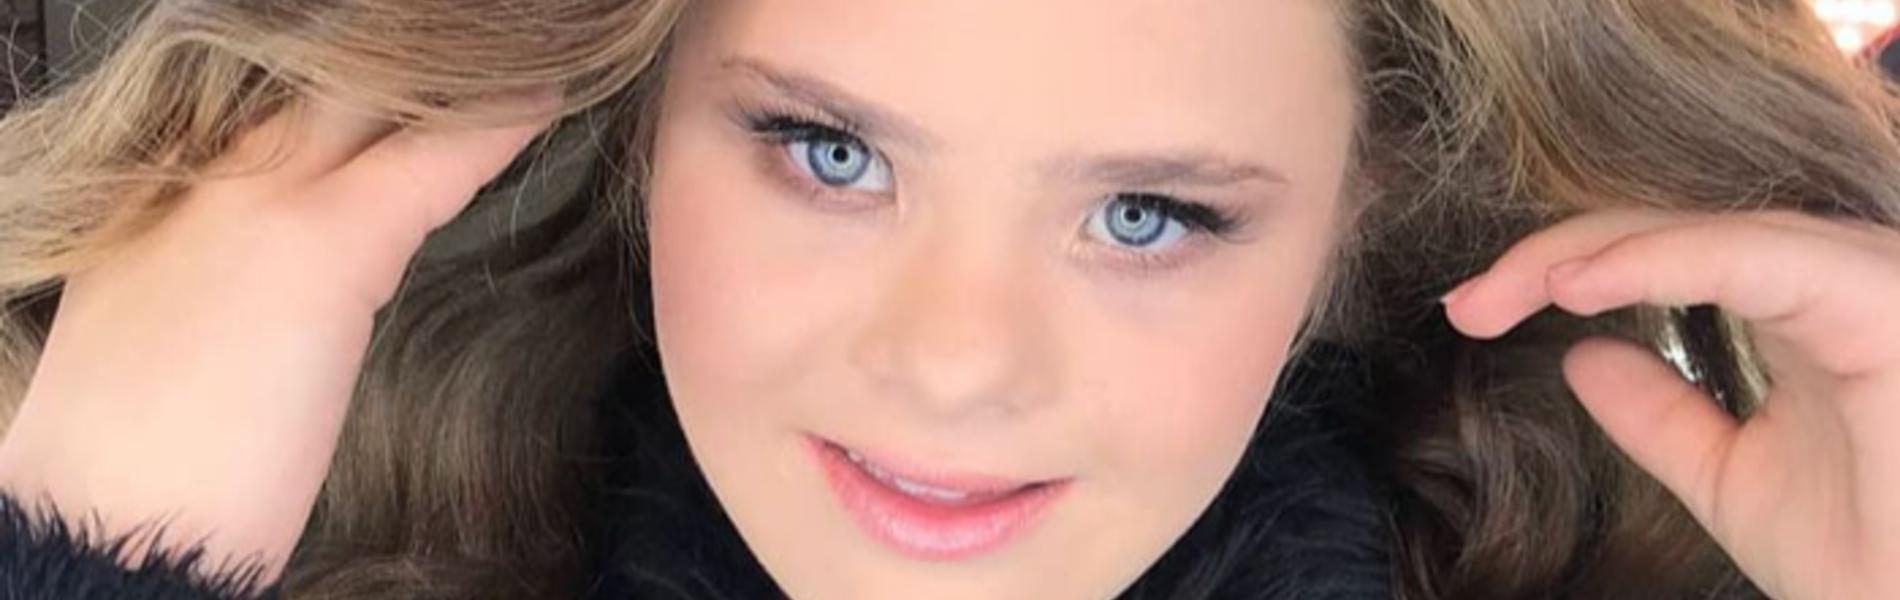 כוכבת חדשה בשמי הדוגמנות: צעירה עם תסמונת דאון